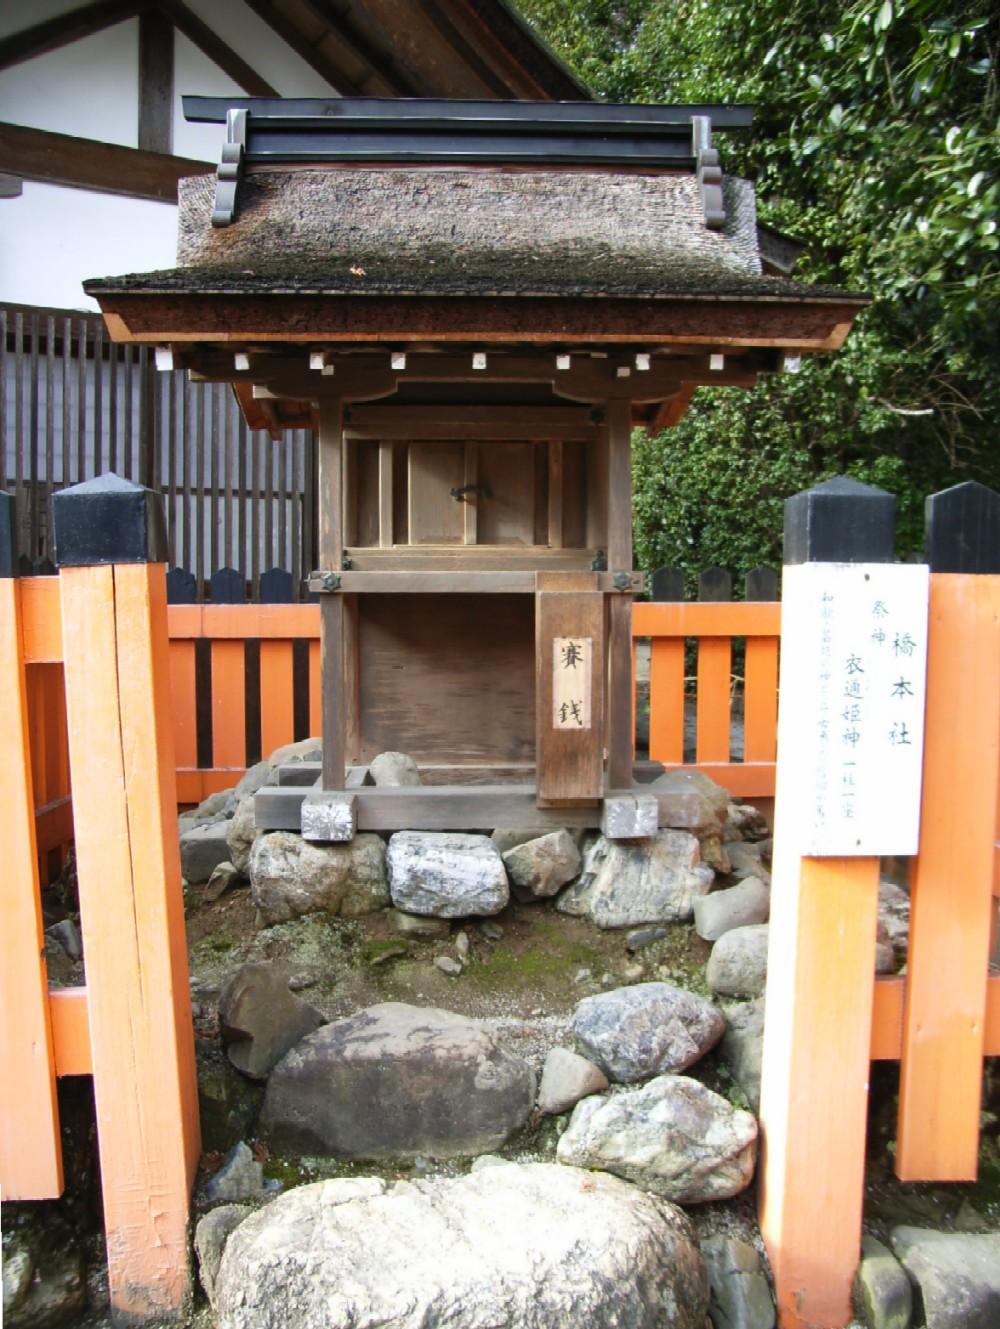 上賀茂神社 1日目 その2_d0091021_113399.jpg